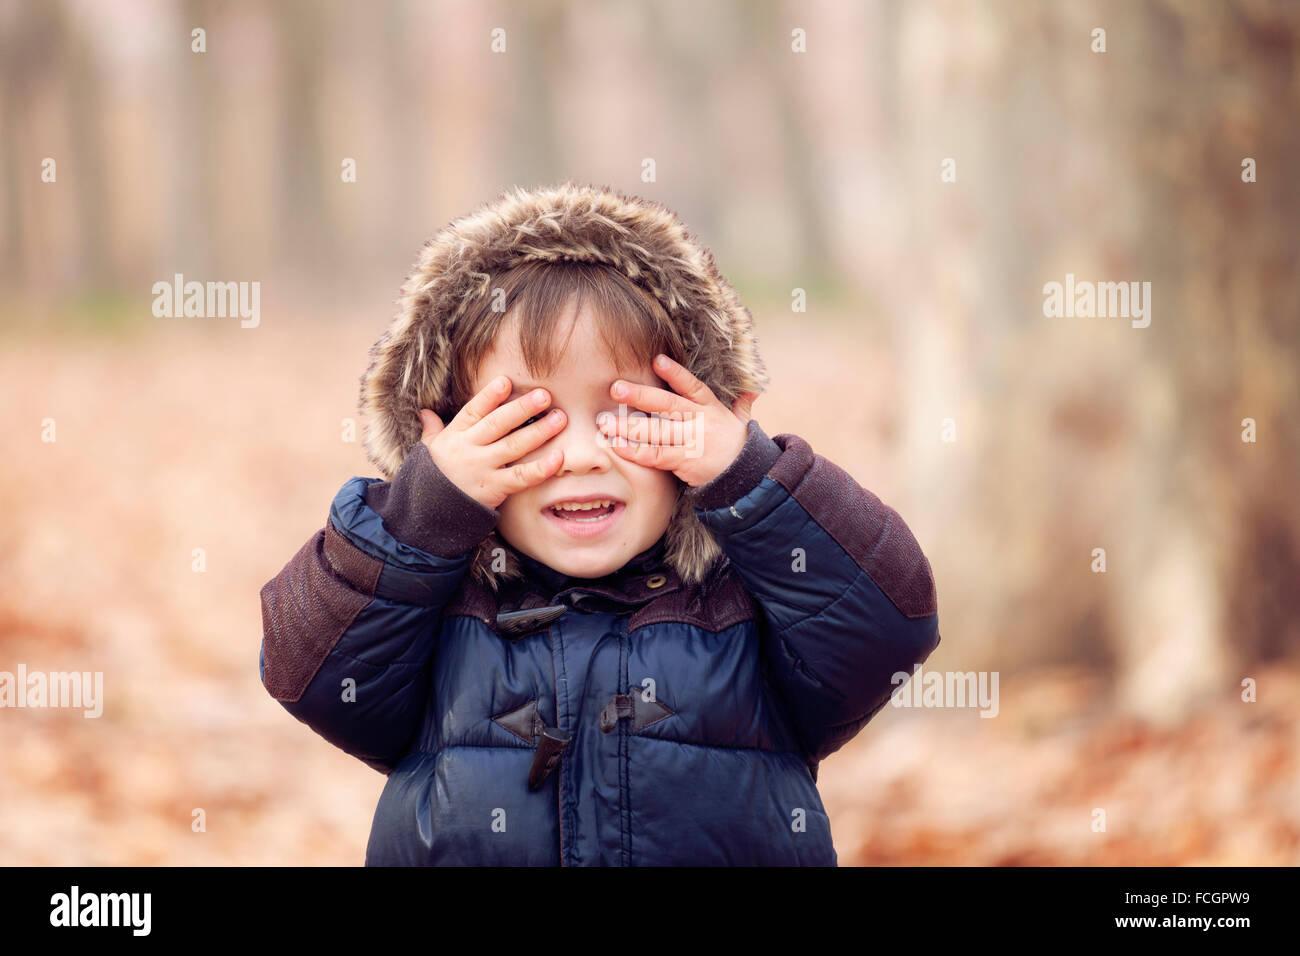 Chaqueta con capucha muchacho divertido ver ningún mal Imagen De Stock